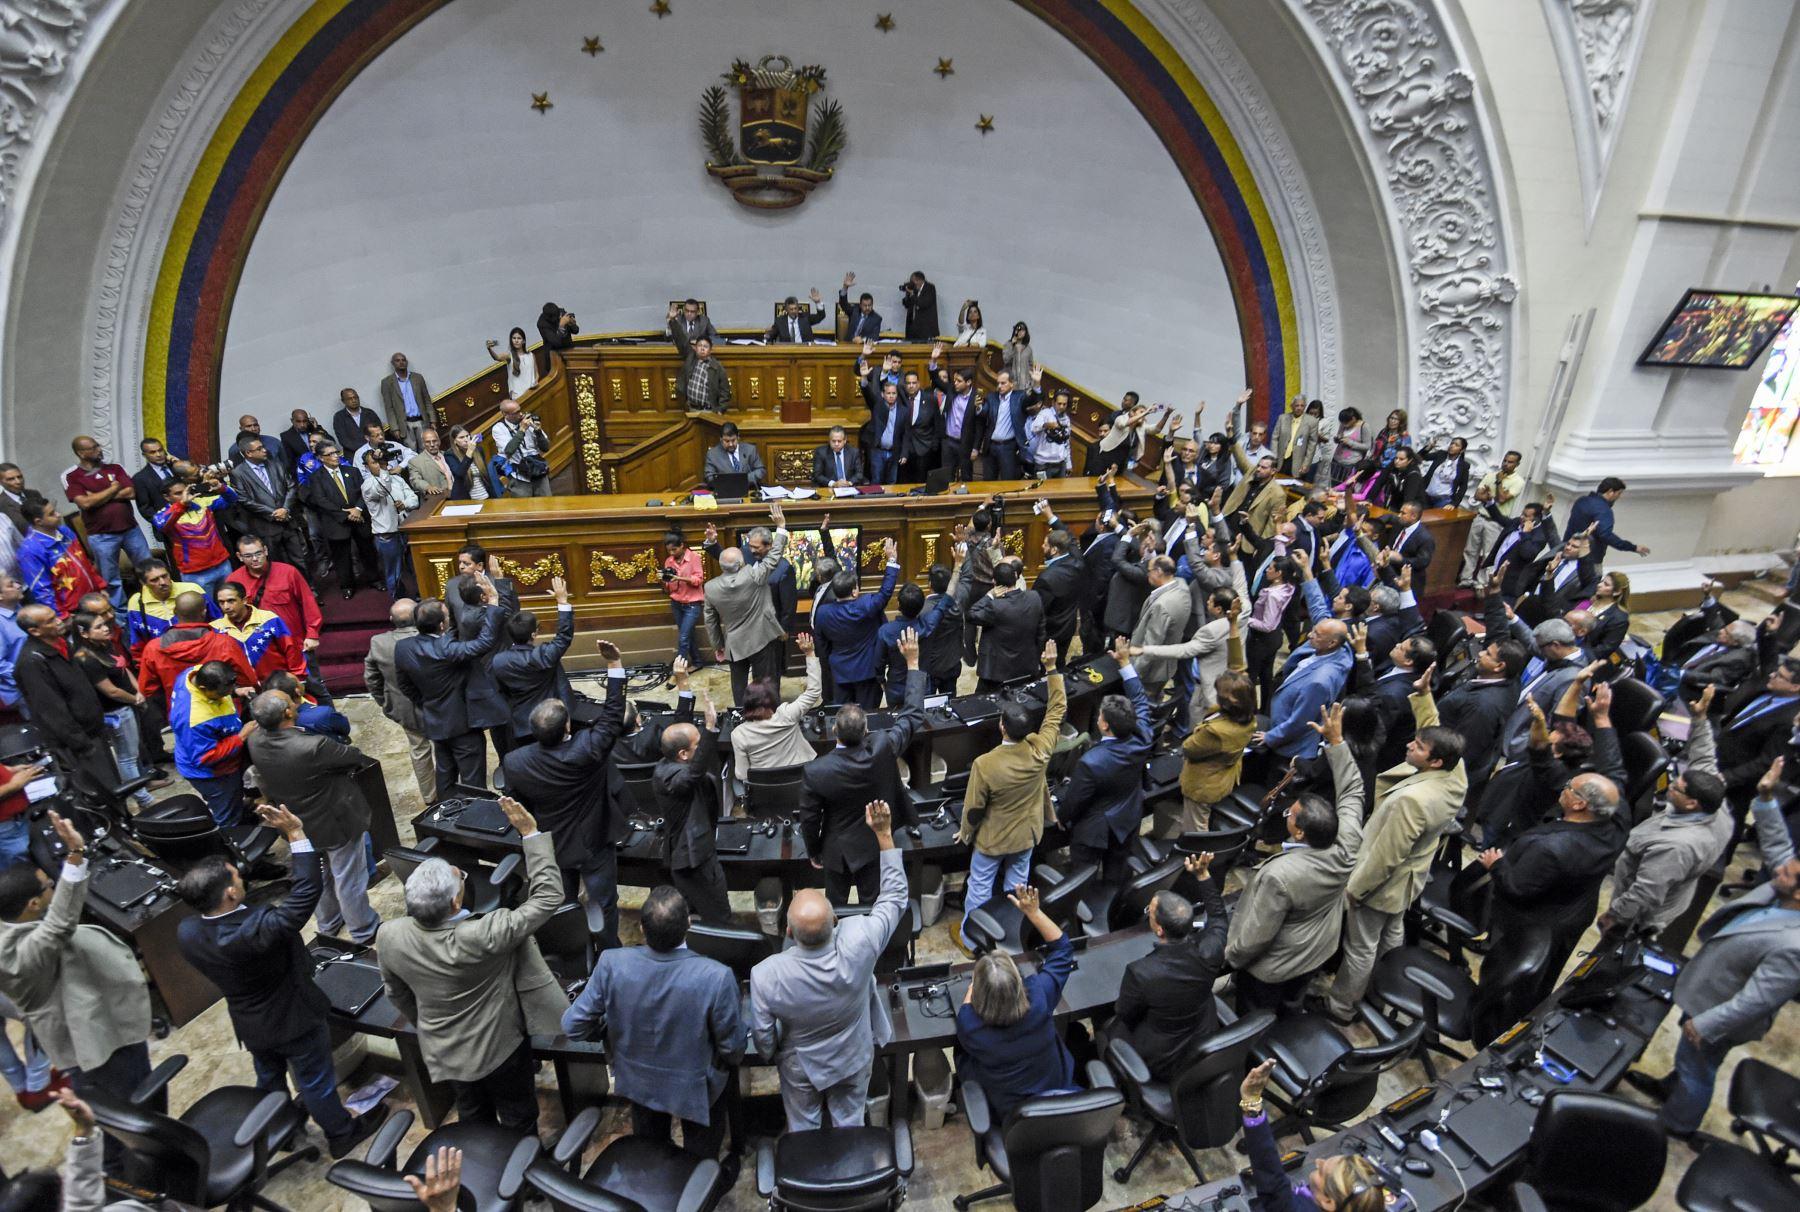 Diputados de la oposición levantan la mano durante la votación para abrir un juicio político contra el presidente Nicolás Maduro. Foto: AFP